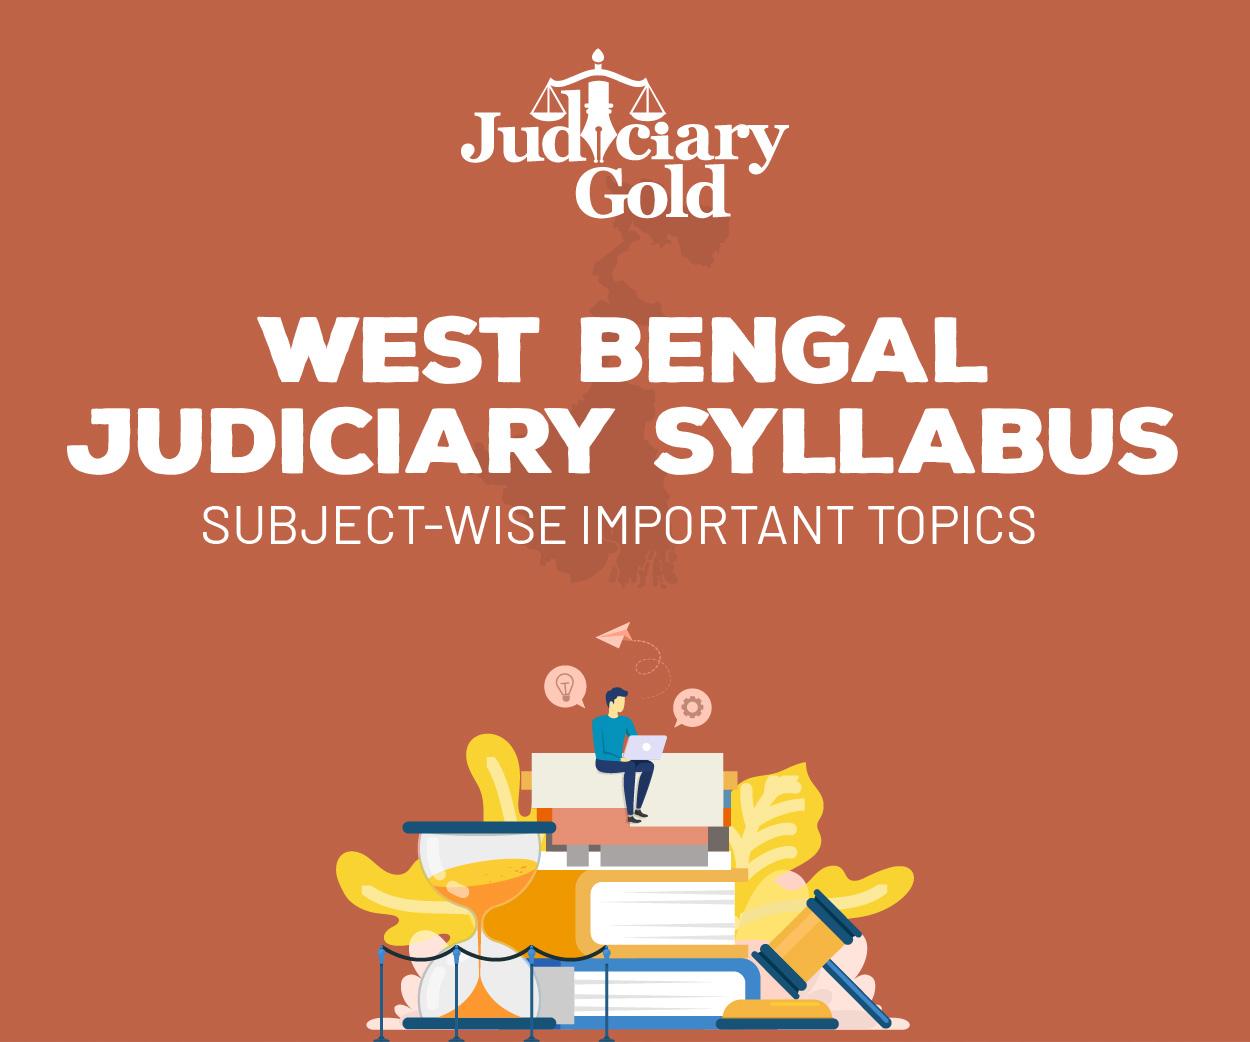 West Bengal Judiciary Syllabus